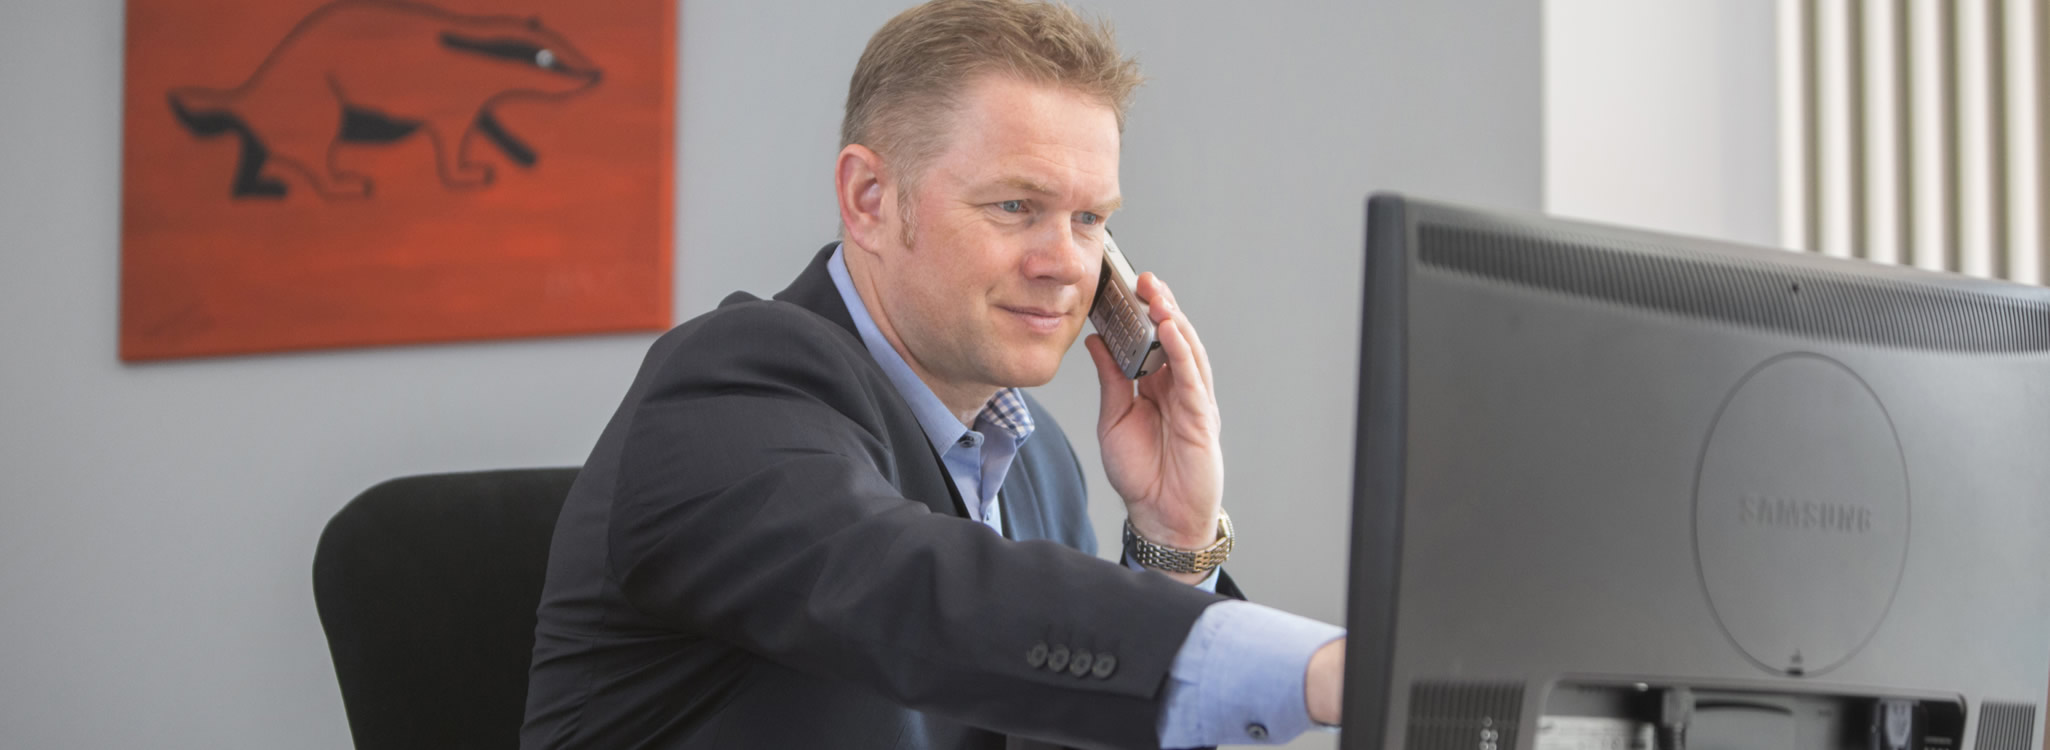 Markus Sack - Kontakt